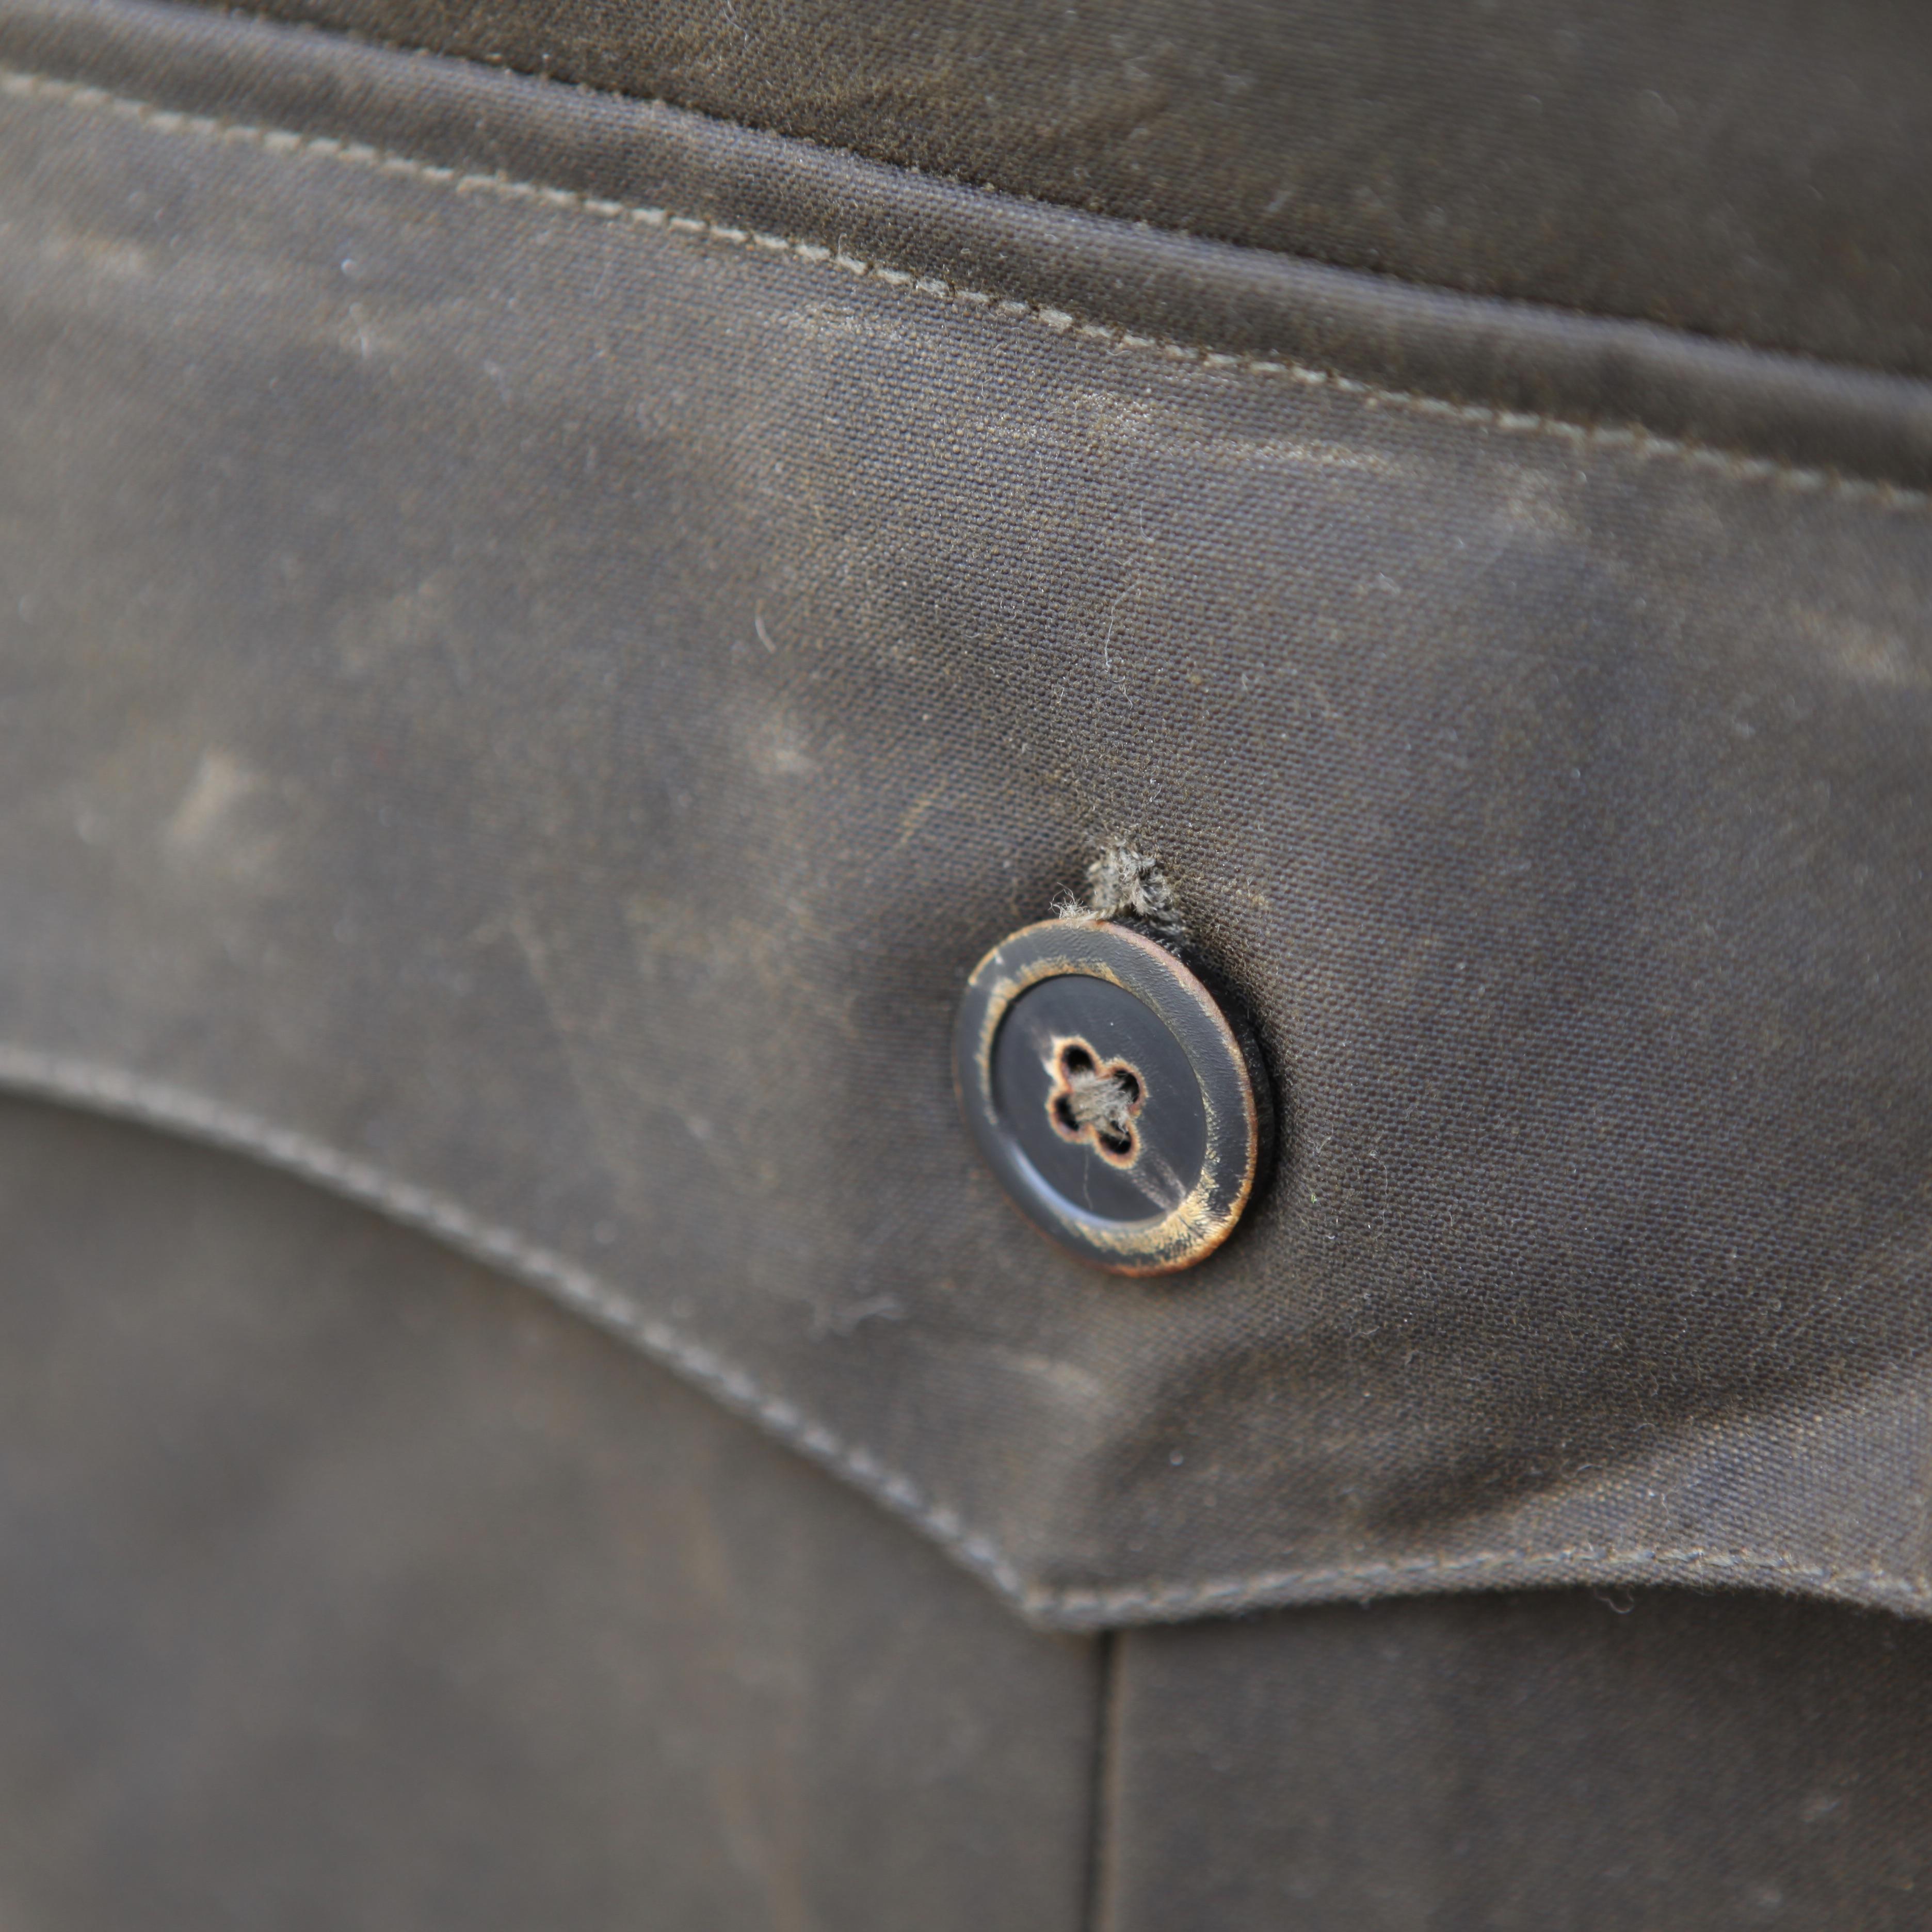 Waxed Aviator Jacket